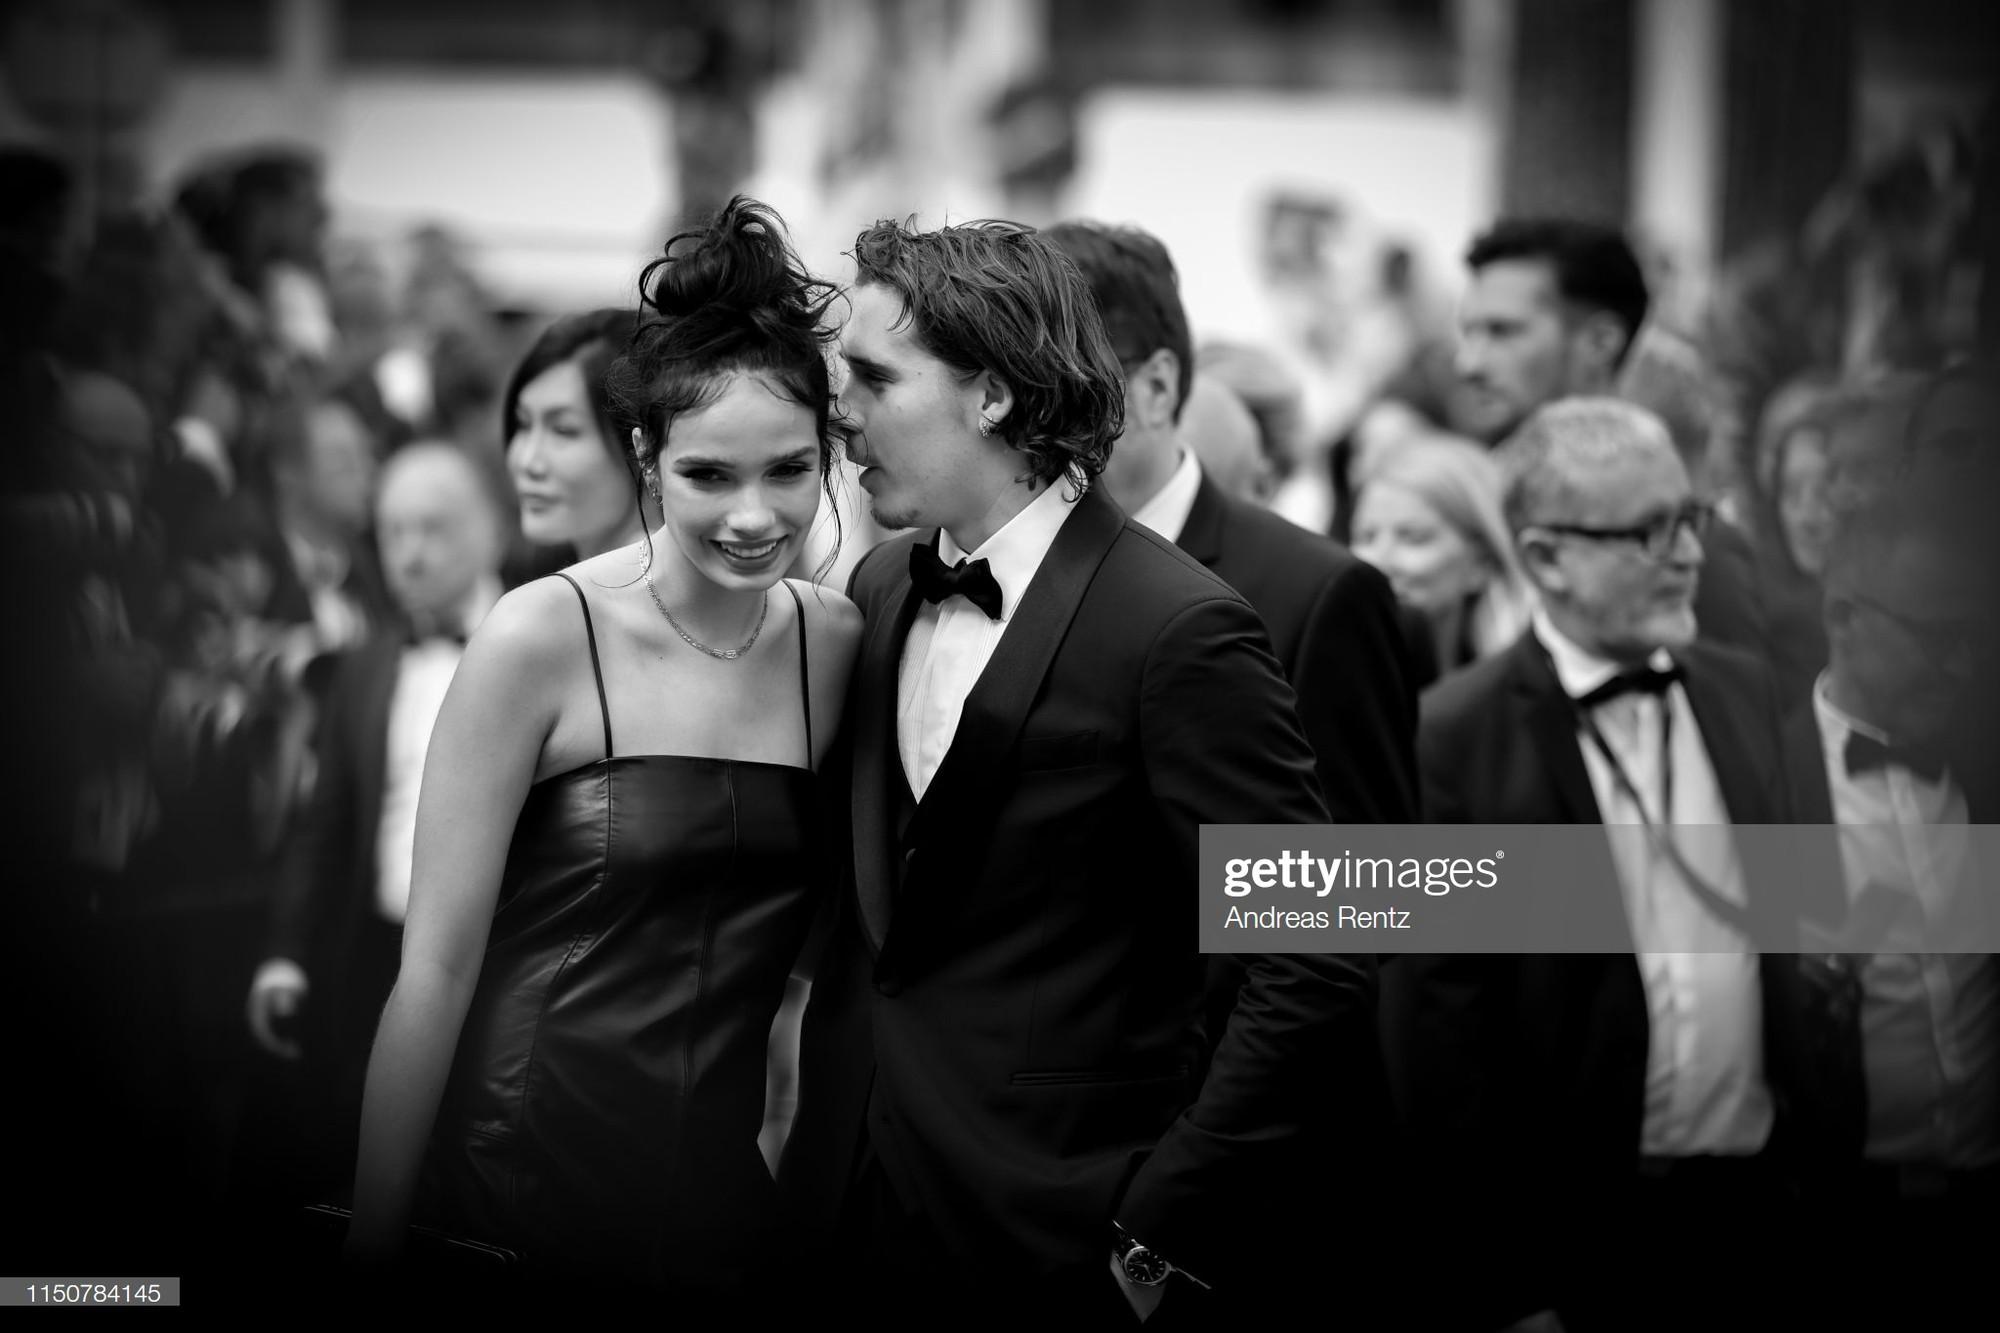 Top khoảnh khắc đắt giá nhất Cannes 2019: Dàn mỹ nhân 9X bất ngờ chiếm đa số, Selena và cặp đôi Brooklyn ấn tượng mạnh - Ảnh 3.